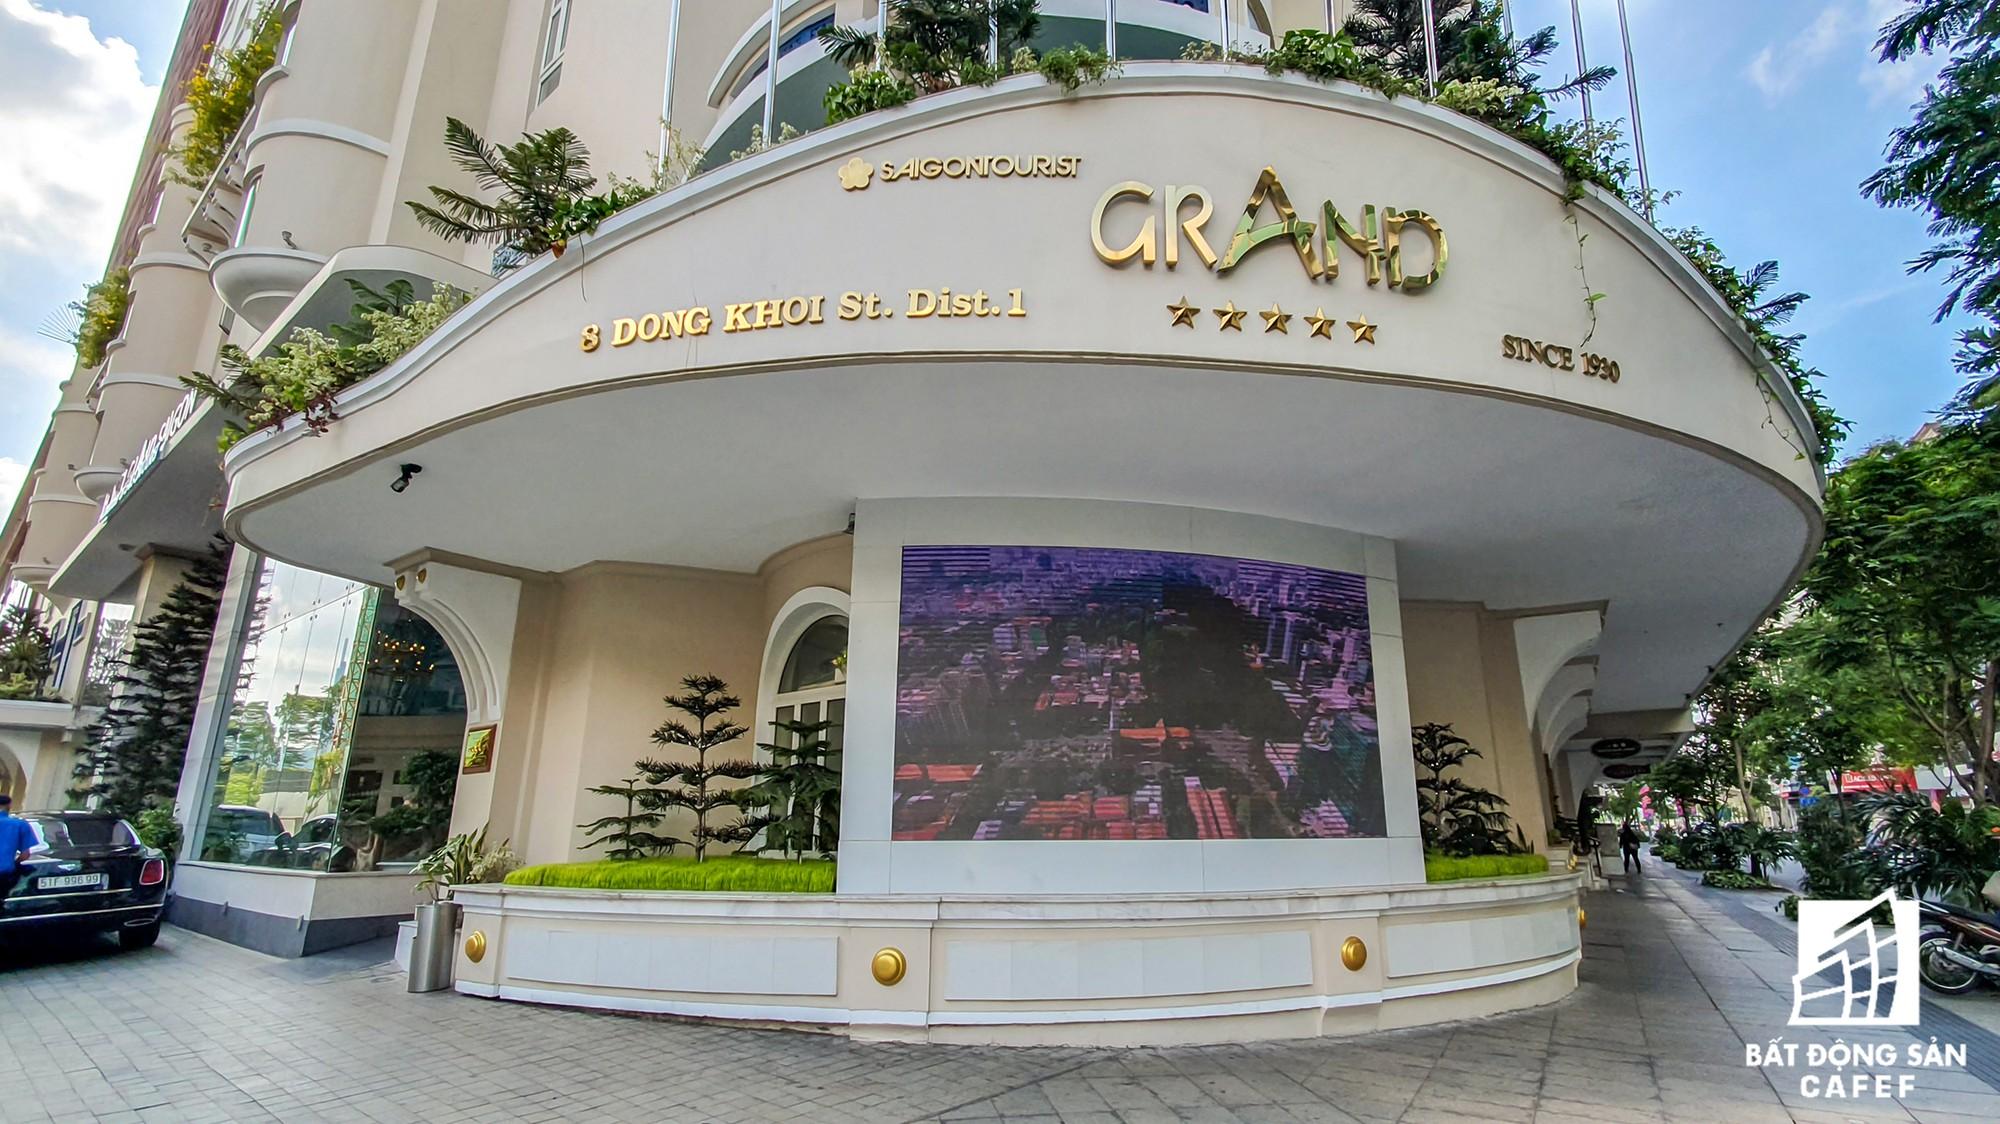 Toàn cảnh con đường có giá bất động sản đắt đỏ nhất Việt Nam, lên tới 2 tỷ đồng một m2 - Ảnh 7.